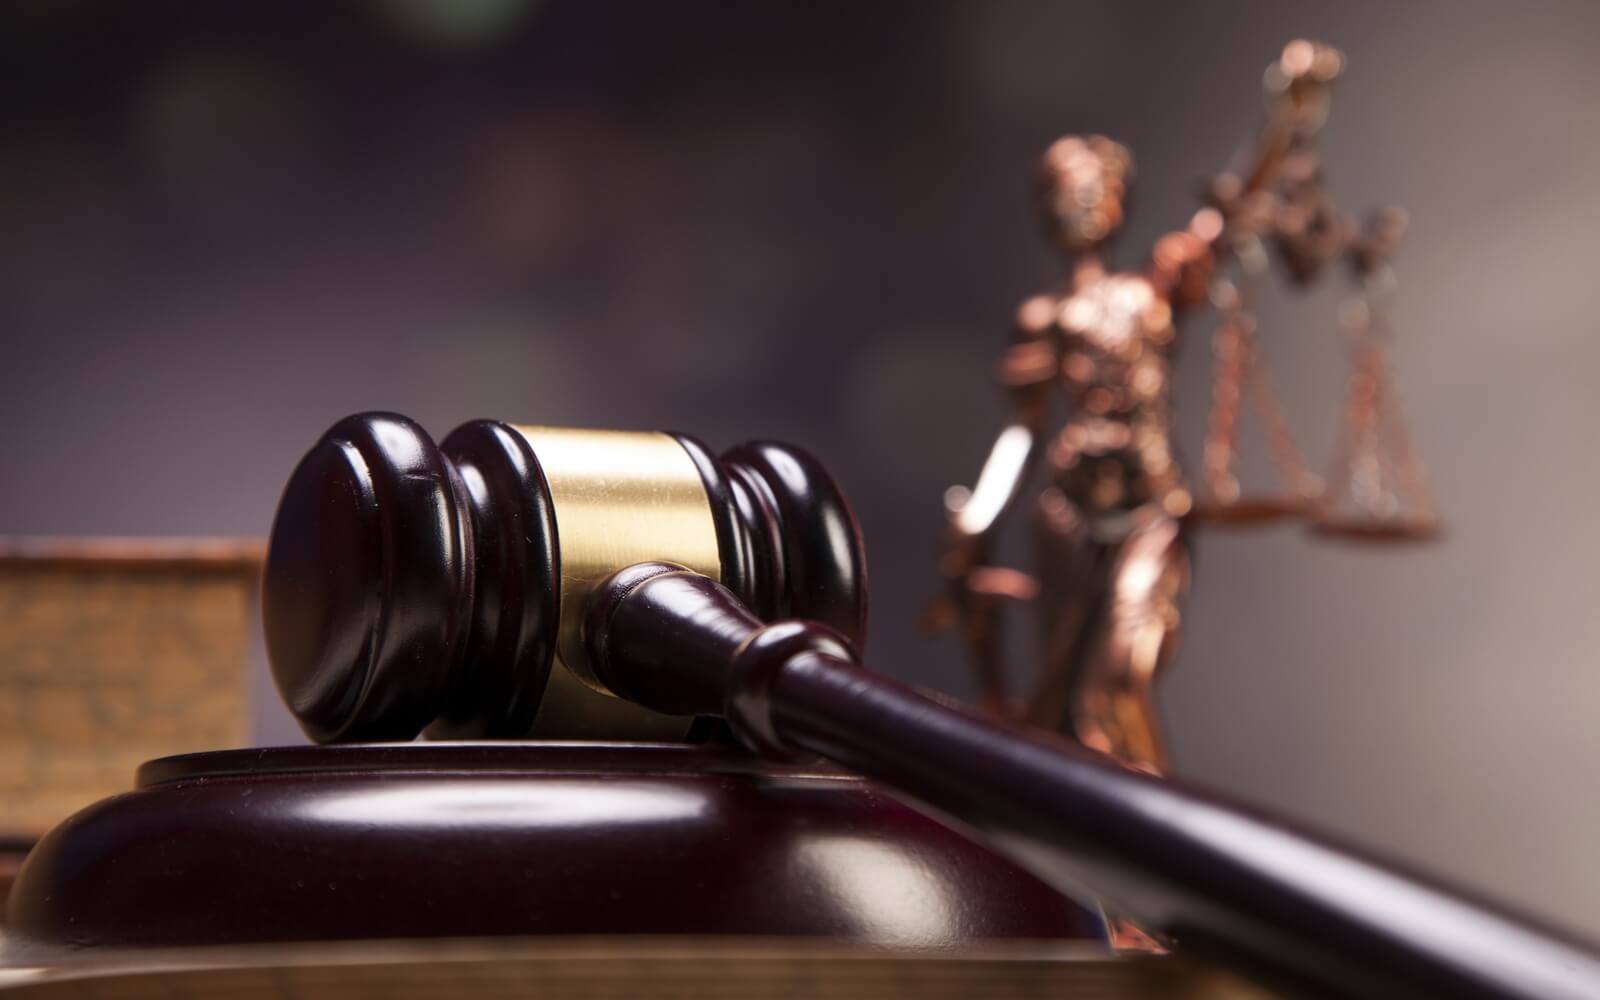 Экс-сотруднику Apple светит 10 лет тюрьмы за кражу секретов о беспилотнике